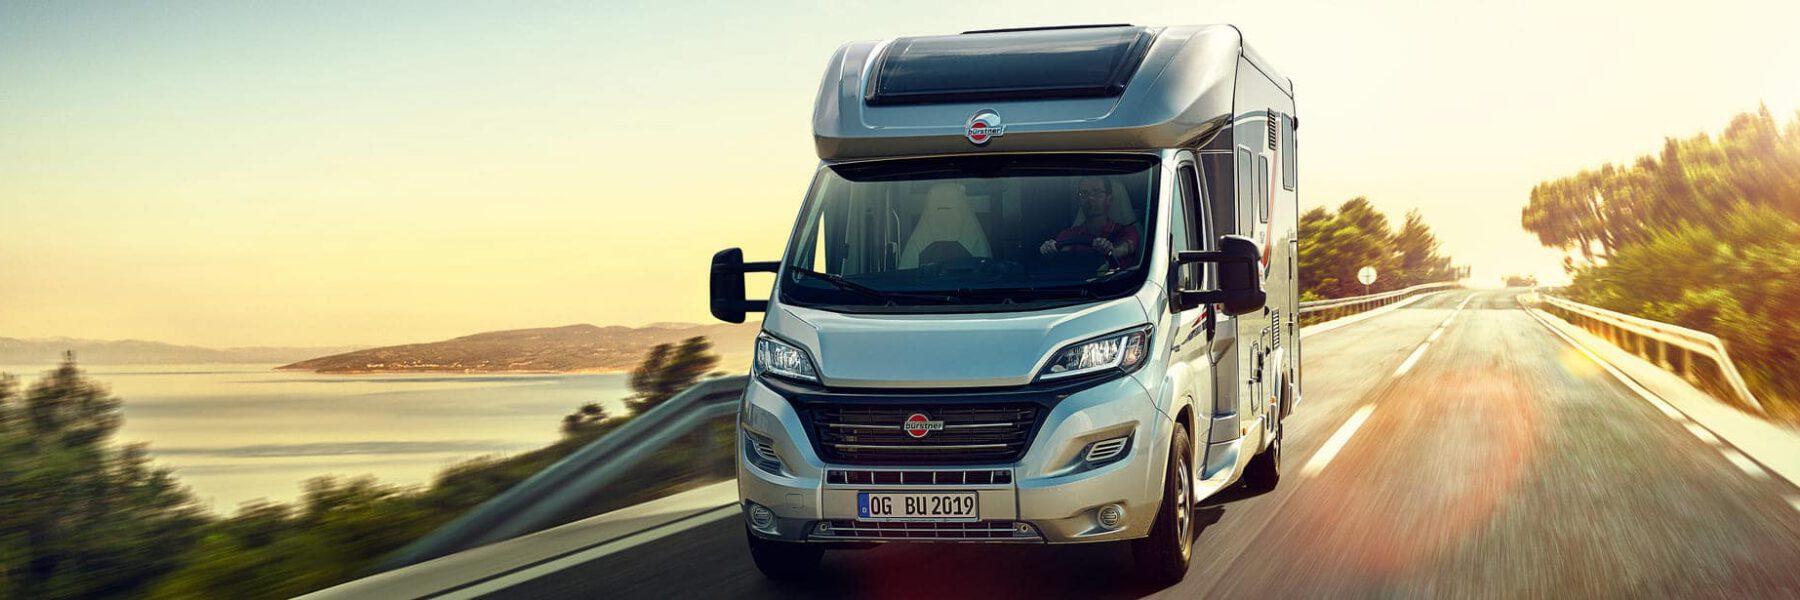 Optimisation moteur camping car